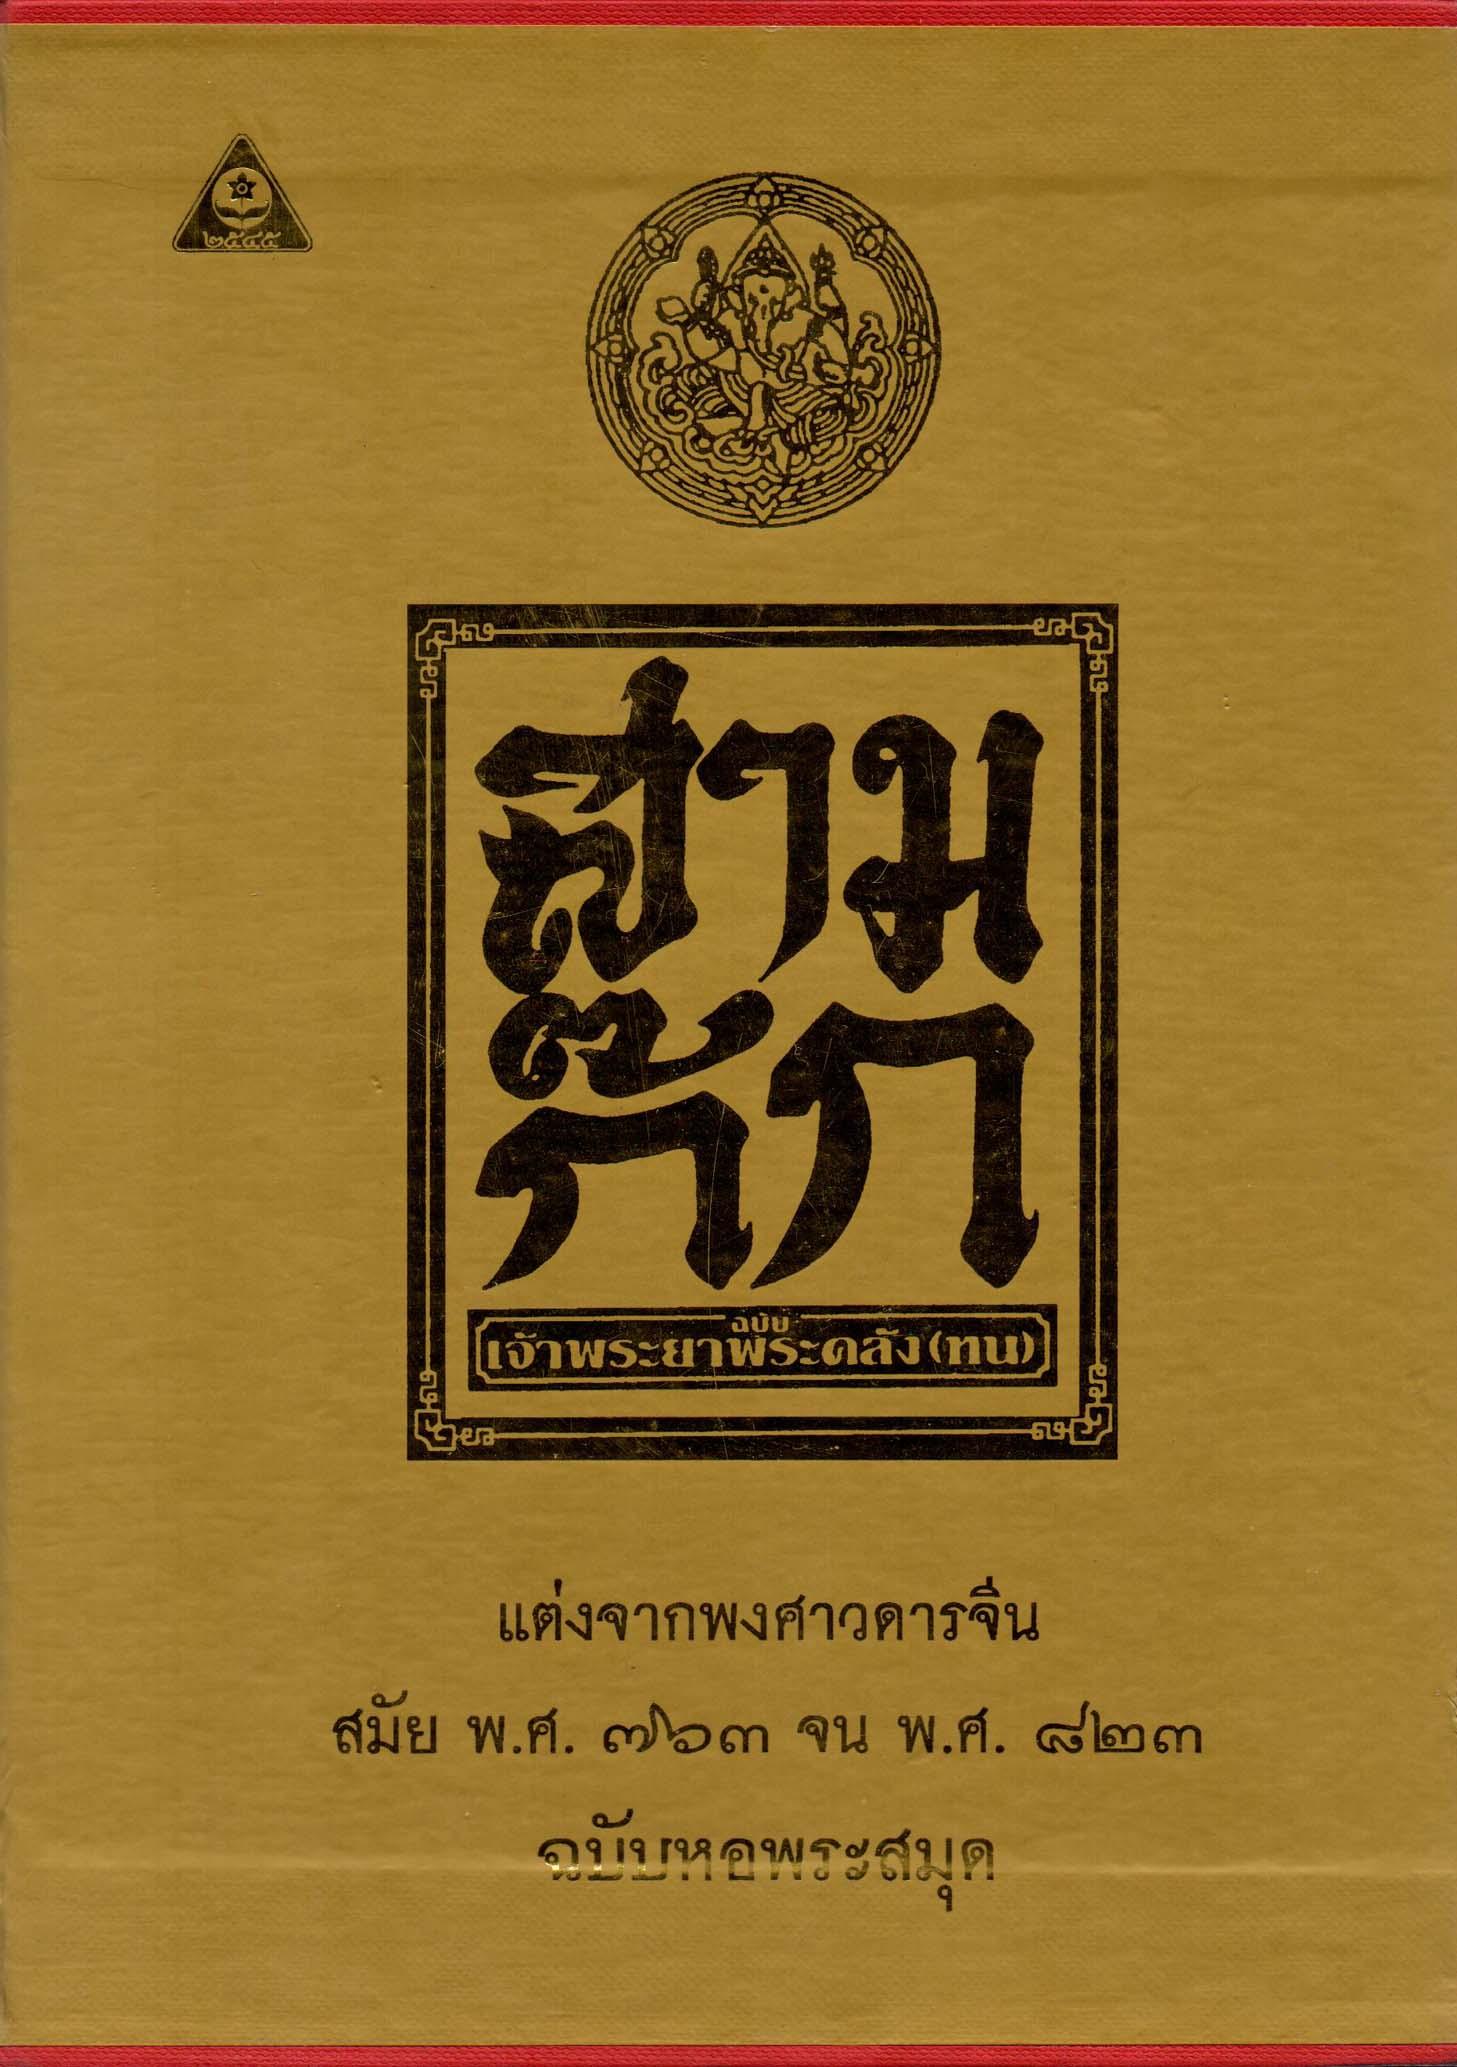 สามก๊ก ปกทอง (ปกแข็ง) ฉบับเจ้าพระยาพระคลังหน